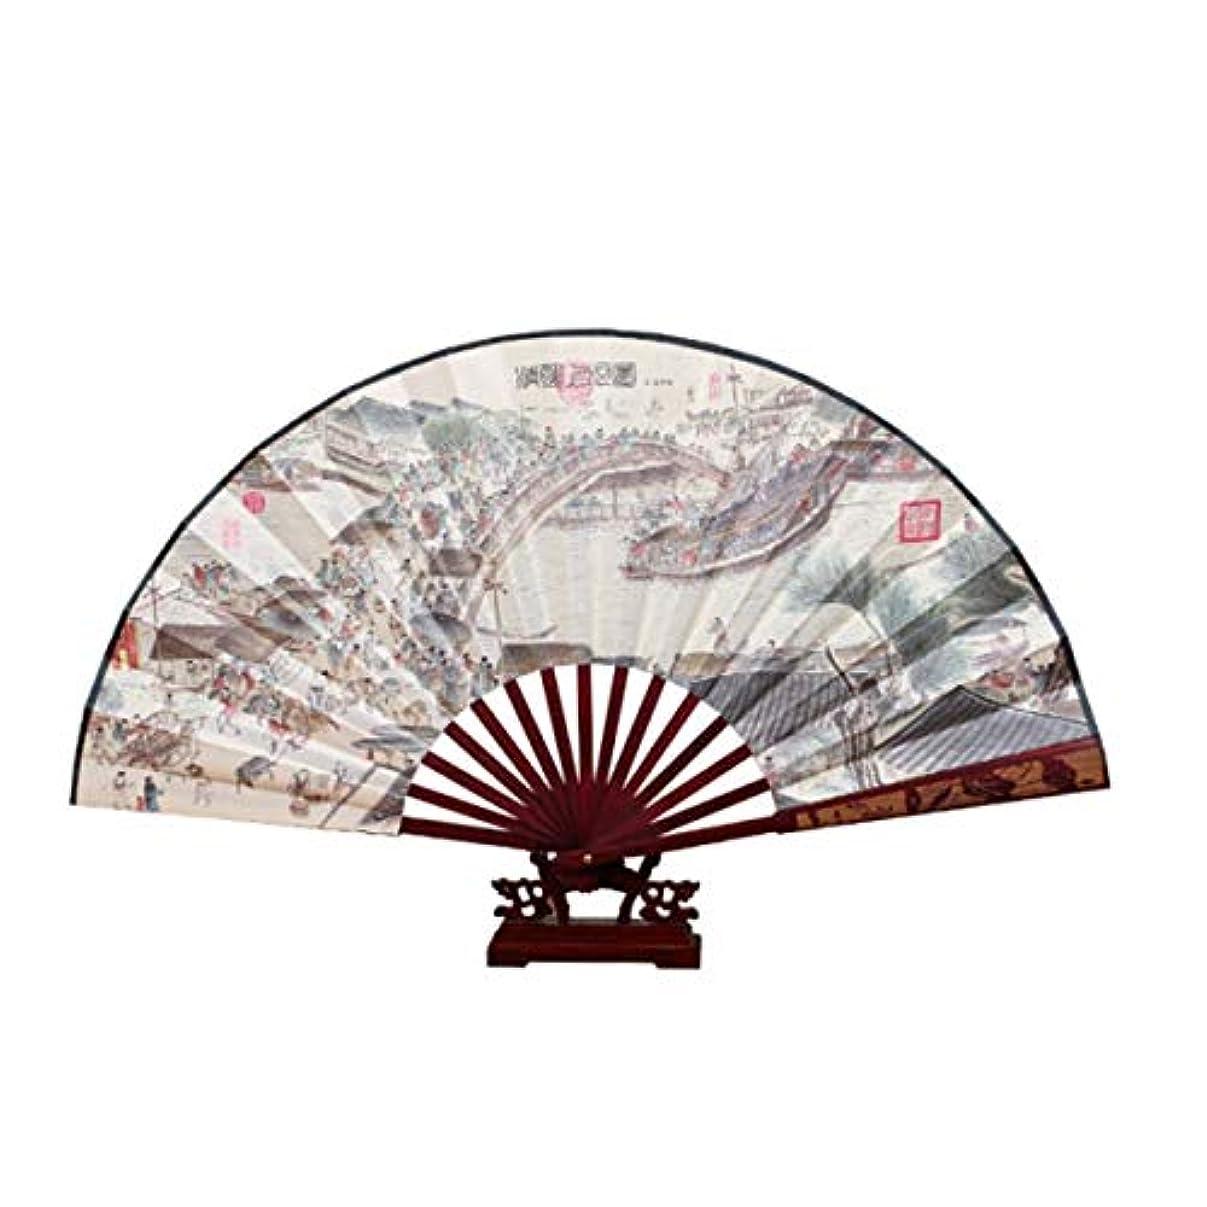 地元珍しい絞るQIANZICAI 扇子、古代風ワンフットキルトシルク男性ファン、扇子中華風、刻印ヘッドグリーンファン、中国の特別な贈り物、友人への創造的な贈り物、 滑らかな感触 (Color : S)